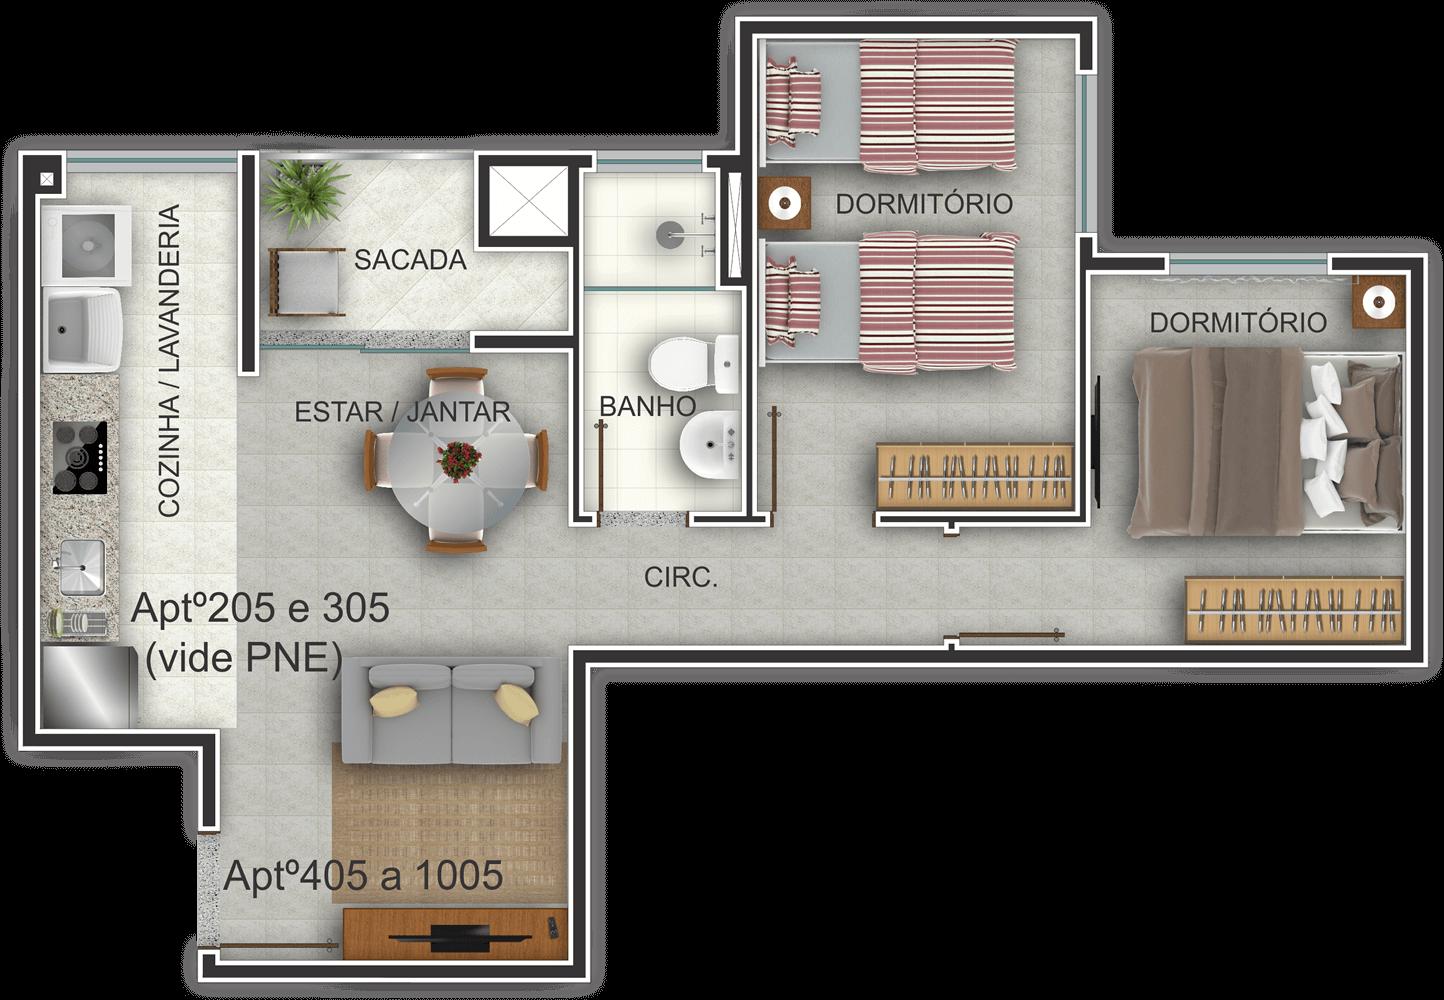 Edifício Residencial Ideal - Planta Baixa Habitada 205-1005 G. Ghem Engenharia